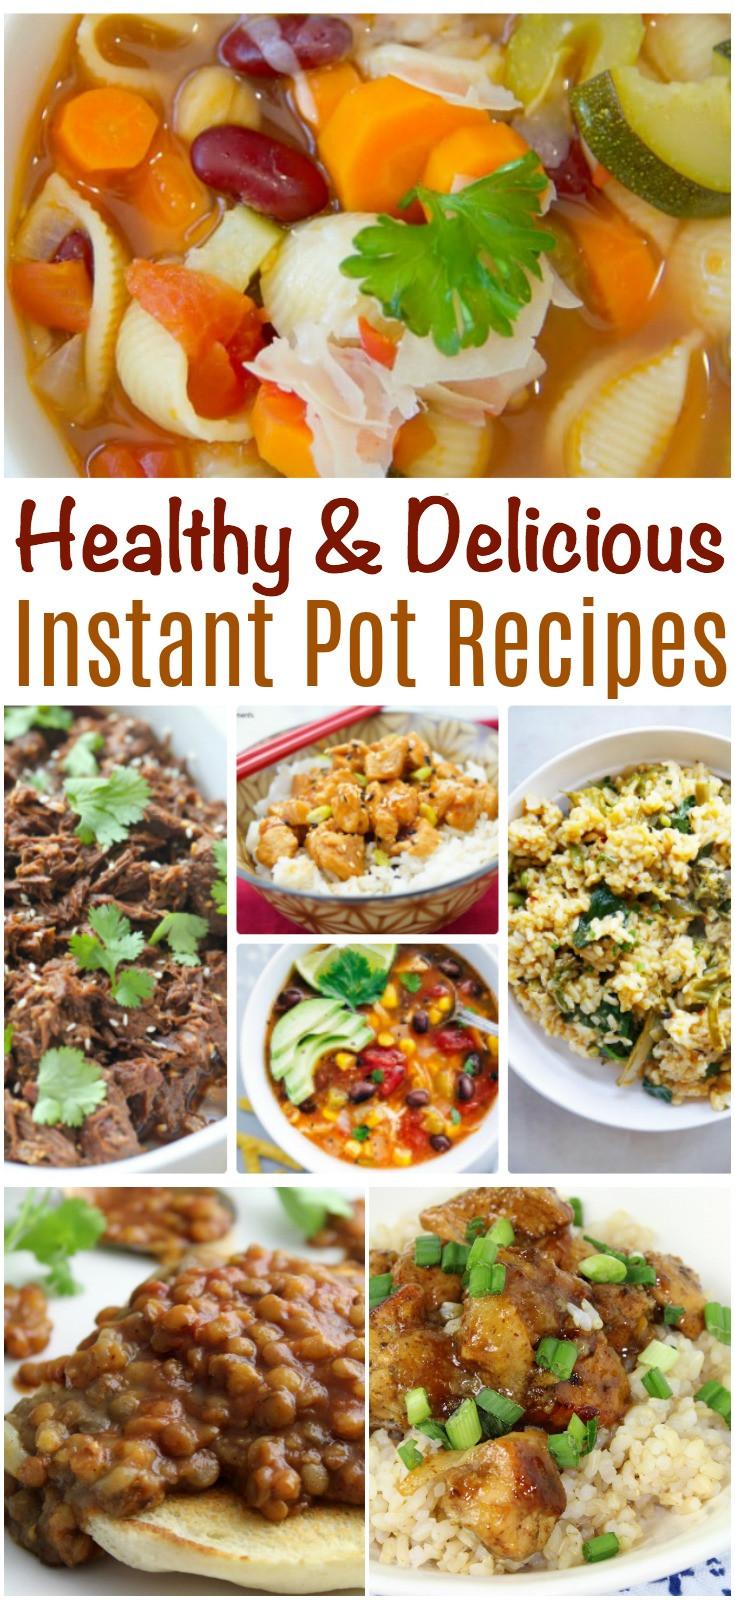 Instant Pot Recipes Healthy  Healthy and Delicious Instant Pot Recipes